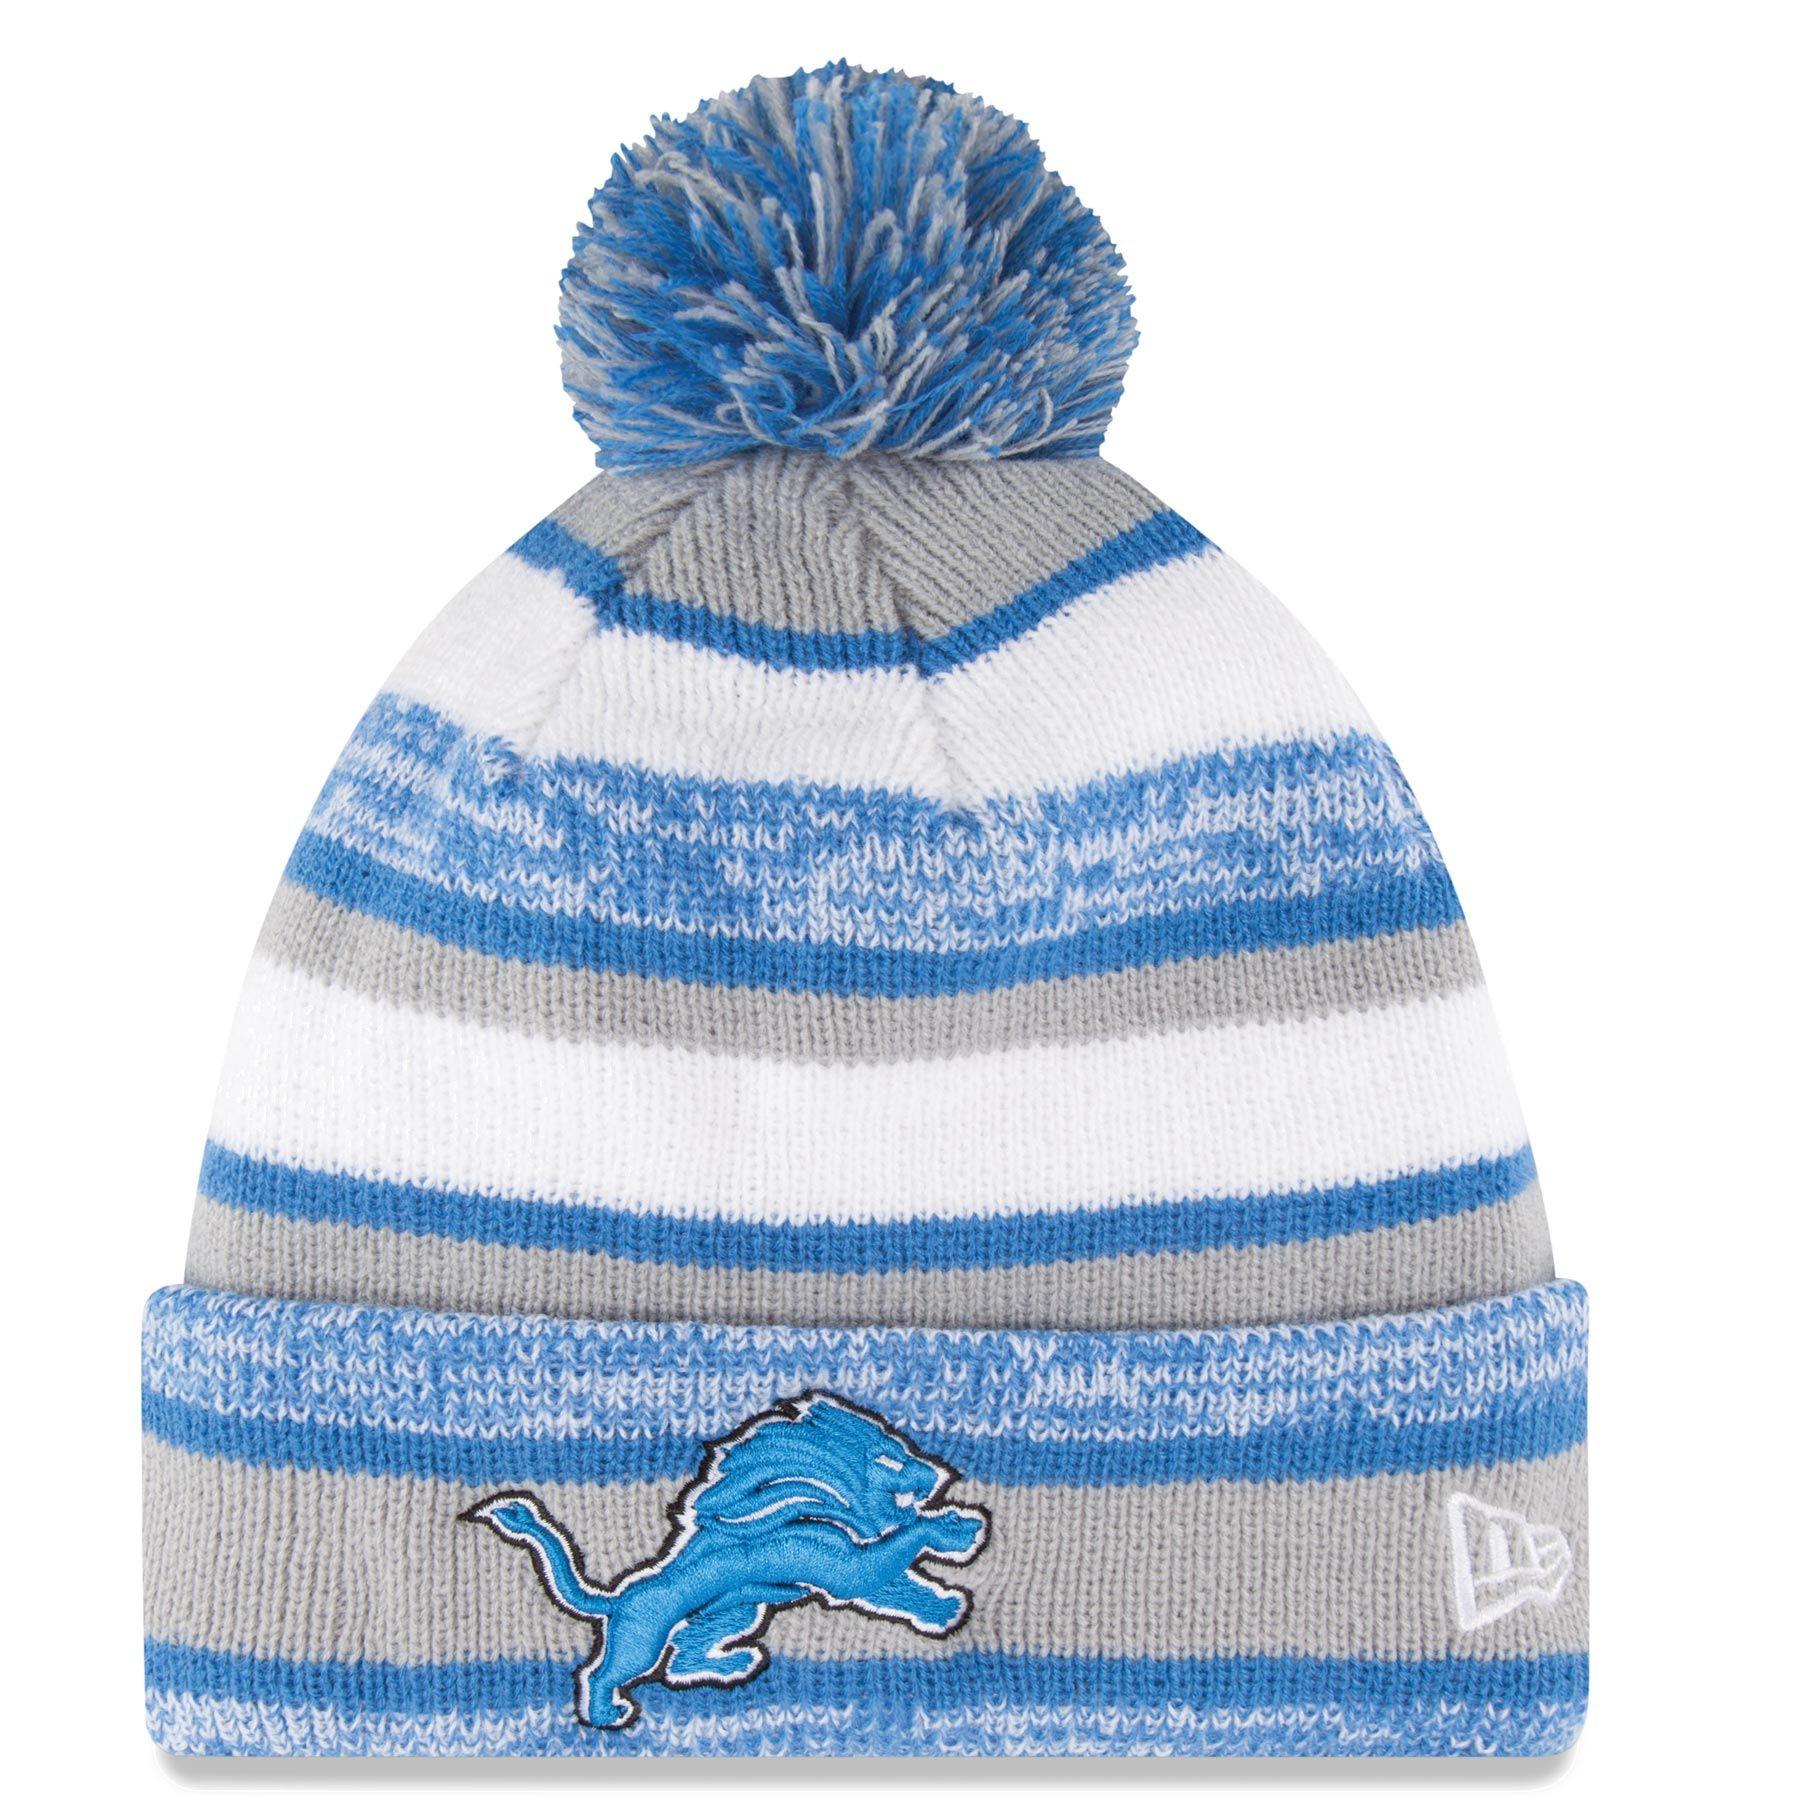 289a3230 Detroit Lions Nfl Official Sideline Sport Knit Hat | Detroit Lions ...